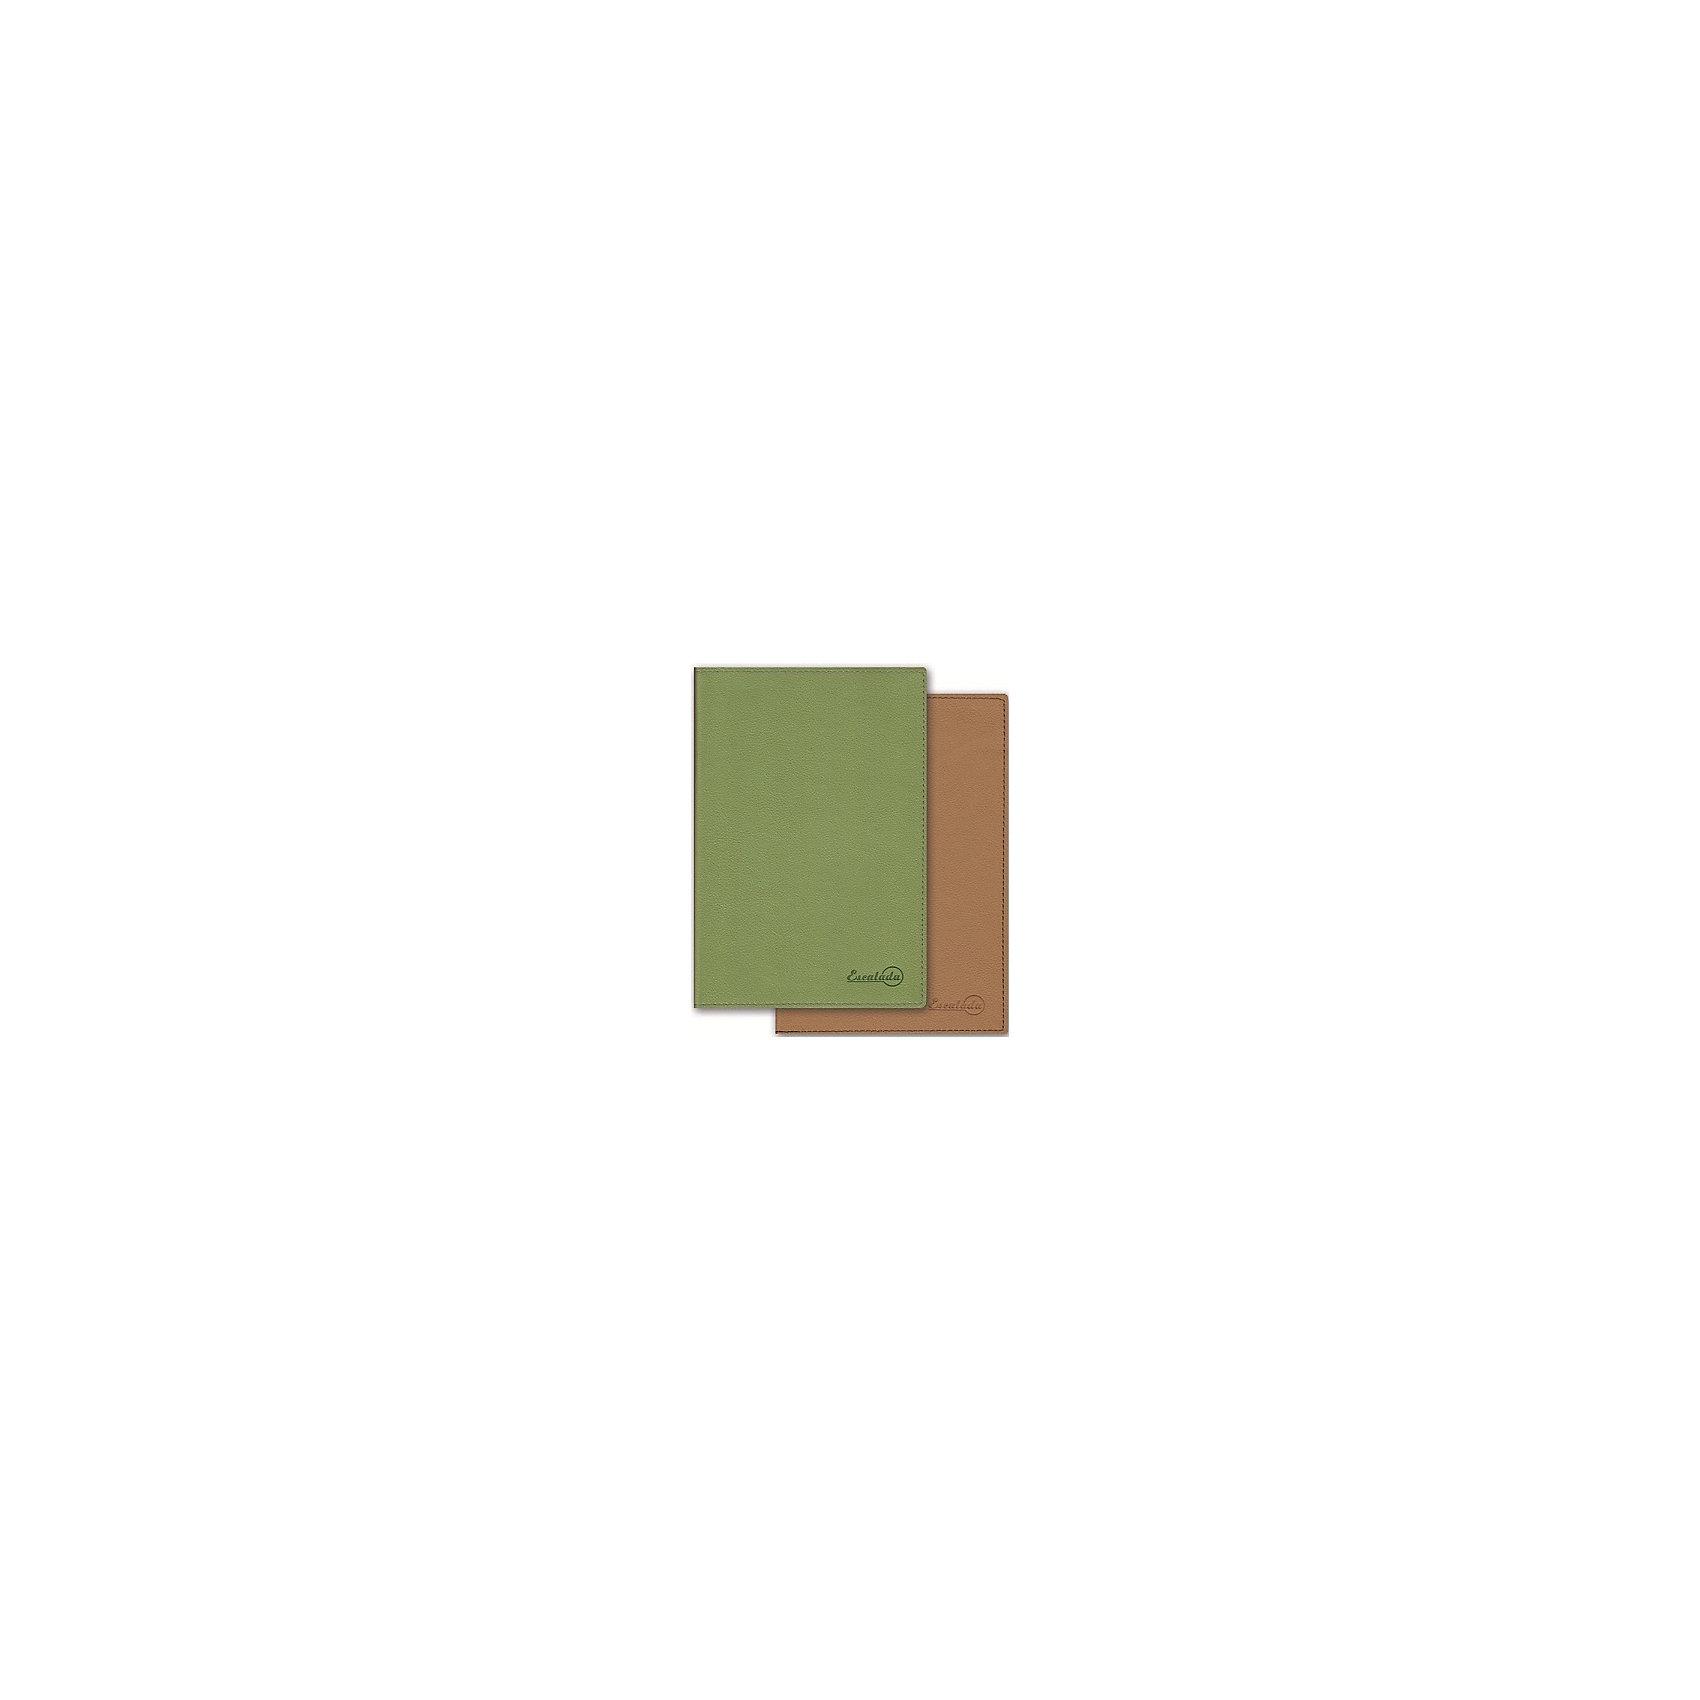 Записная книга 2 в 1 Феникс+, салатово-бежевыйБумажная продукция<br>Записная книга Копибук 2 в 1  САЛАТОВО-БЕЖЕВЫЙ (А5, 145х213мм, мягк. переплет, 320 стр., офсет, печать блока в одну краску, запеч. форз. пантоном. Сочет. двух контраст. переплетных материалов, обл. декорир. отстрочкой)<br><br>Ширина мм: 215<br>Глубина мм: 145<br>Высота мм: 25<br>Вес г: 430<br>Возраст от месяцев: 72<br>Возраст до месяцев: 2147483647<br>Пол: Унисекс<br>Возраст: Детский<br>SKU: 7046203